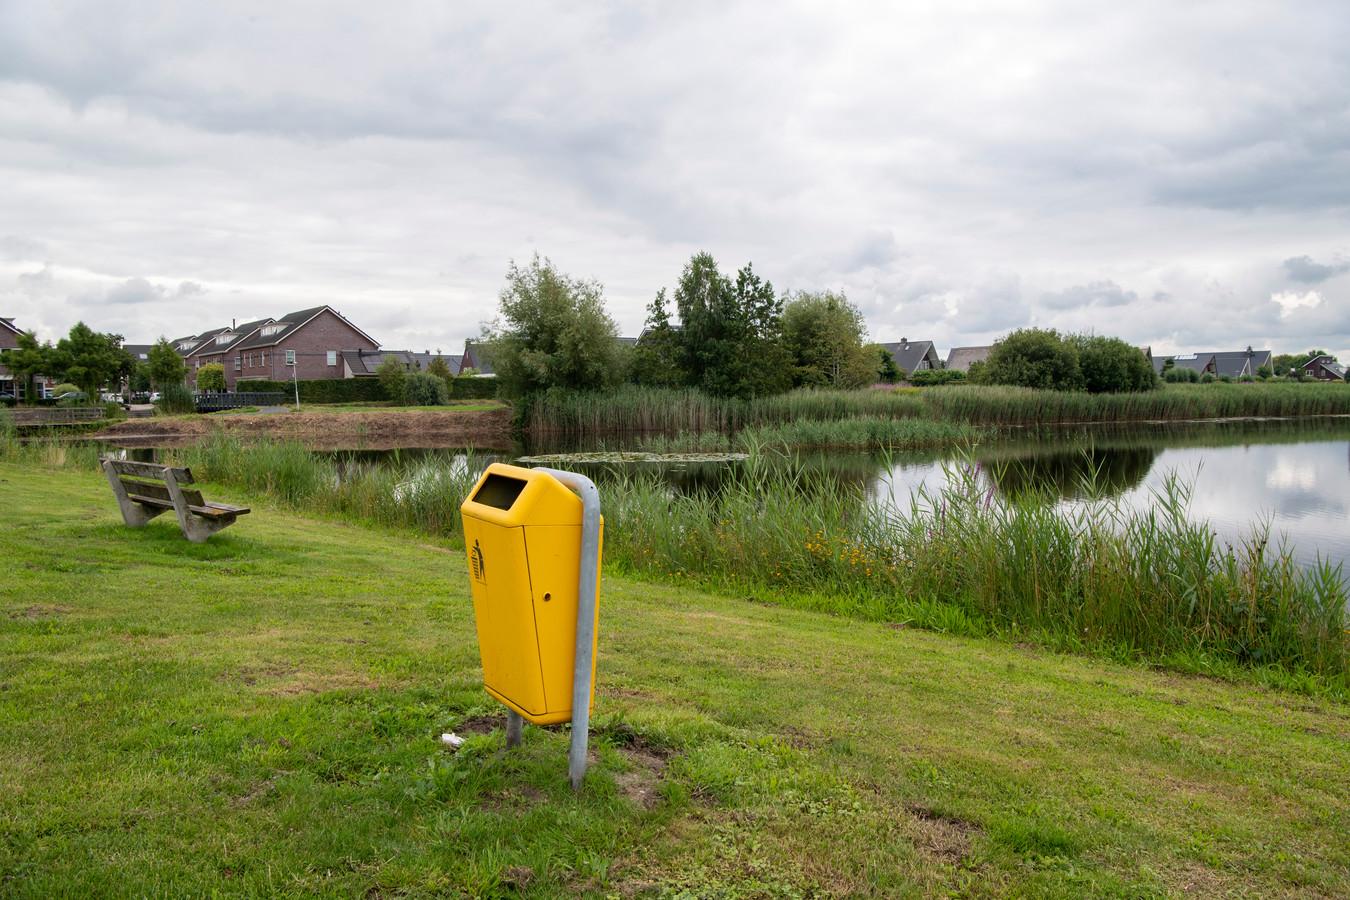 Veel van de klachten, zoals ook achtergelaten afval, komen uit de aangrenzende woonwijk.